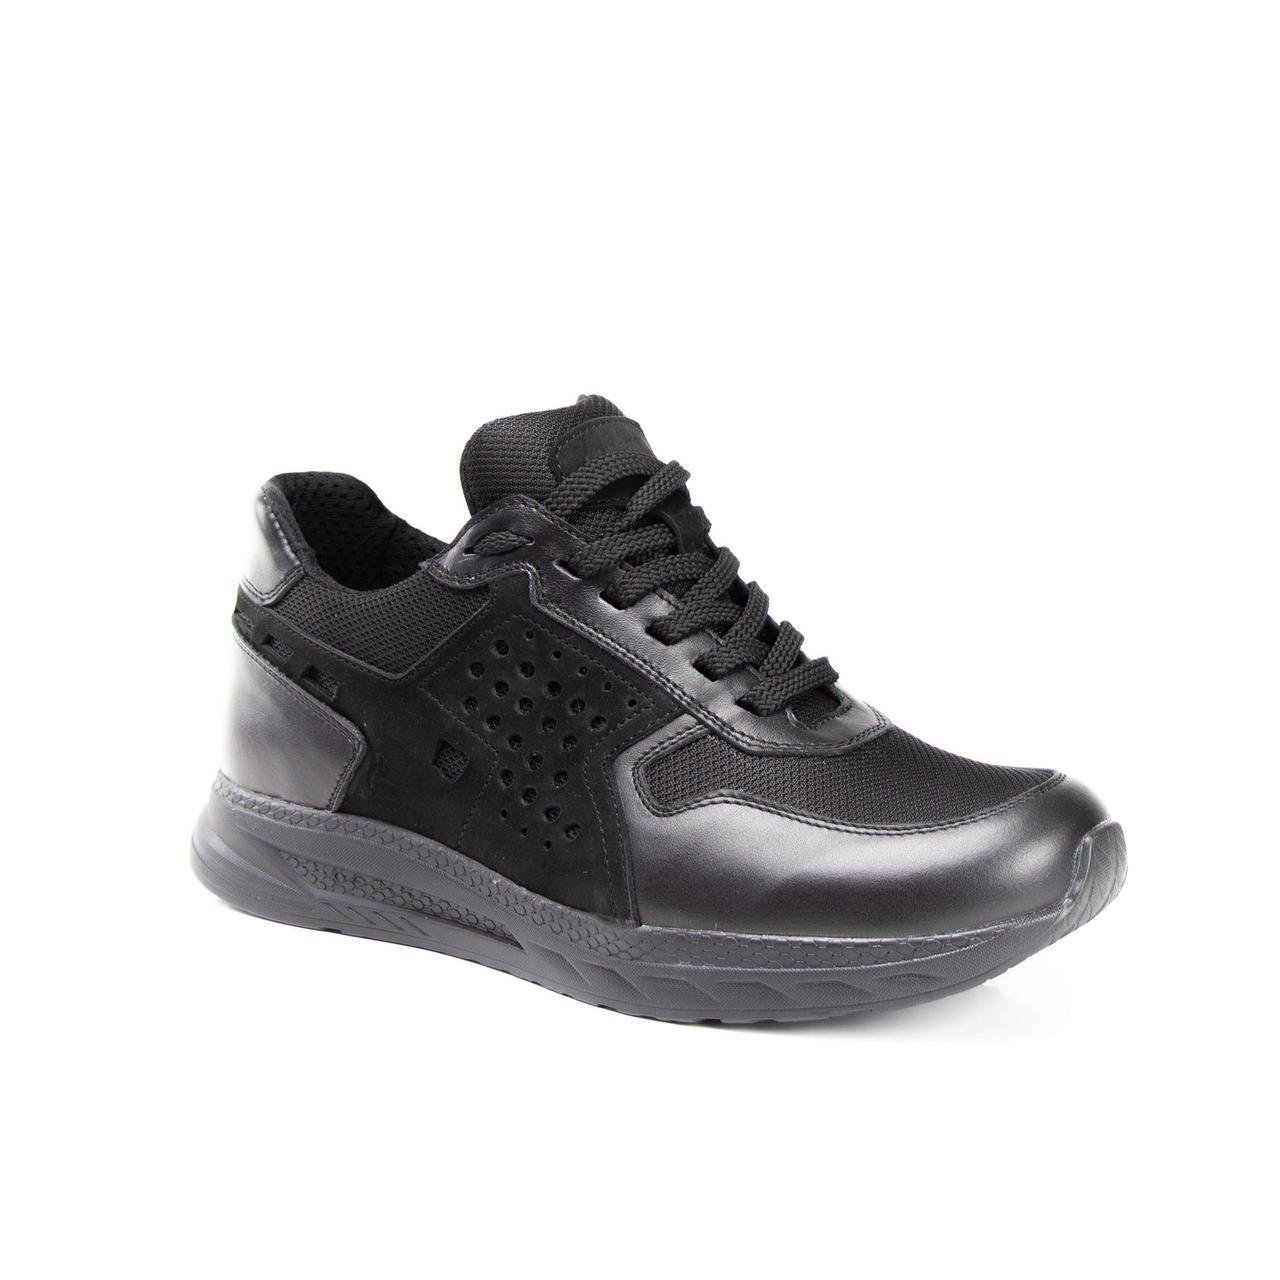 Тактичні Кросівки Літні Ньютон нубук тканина CORDURA Чорний